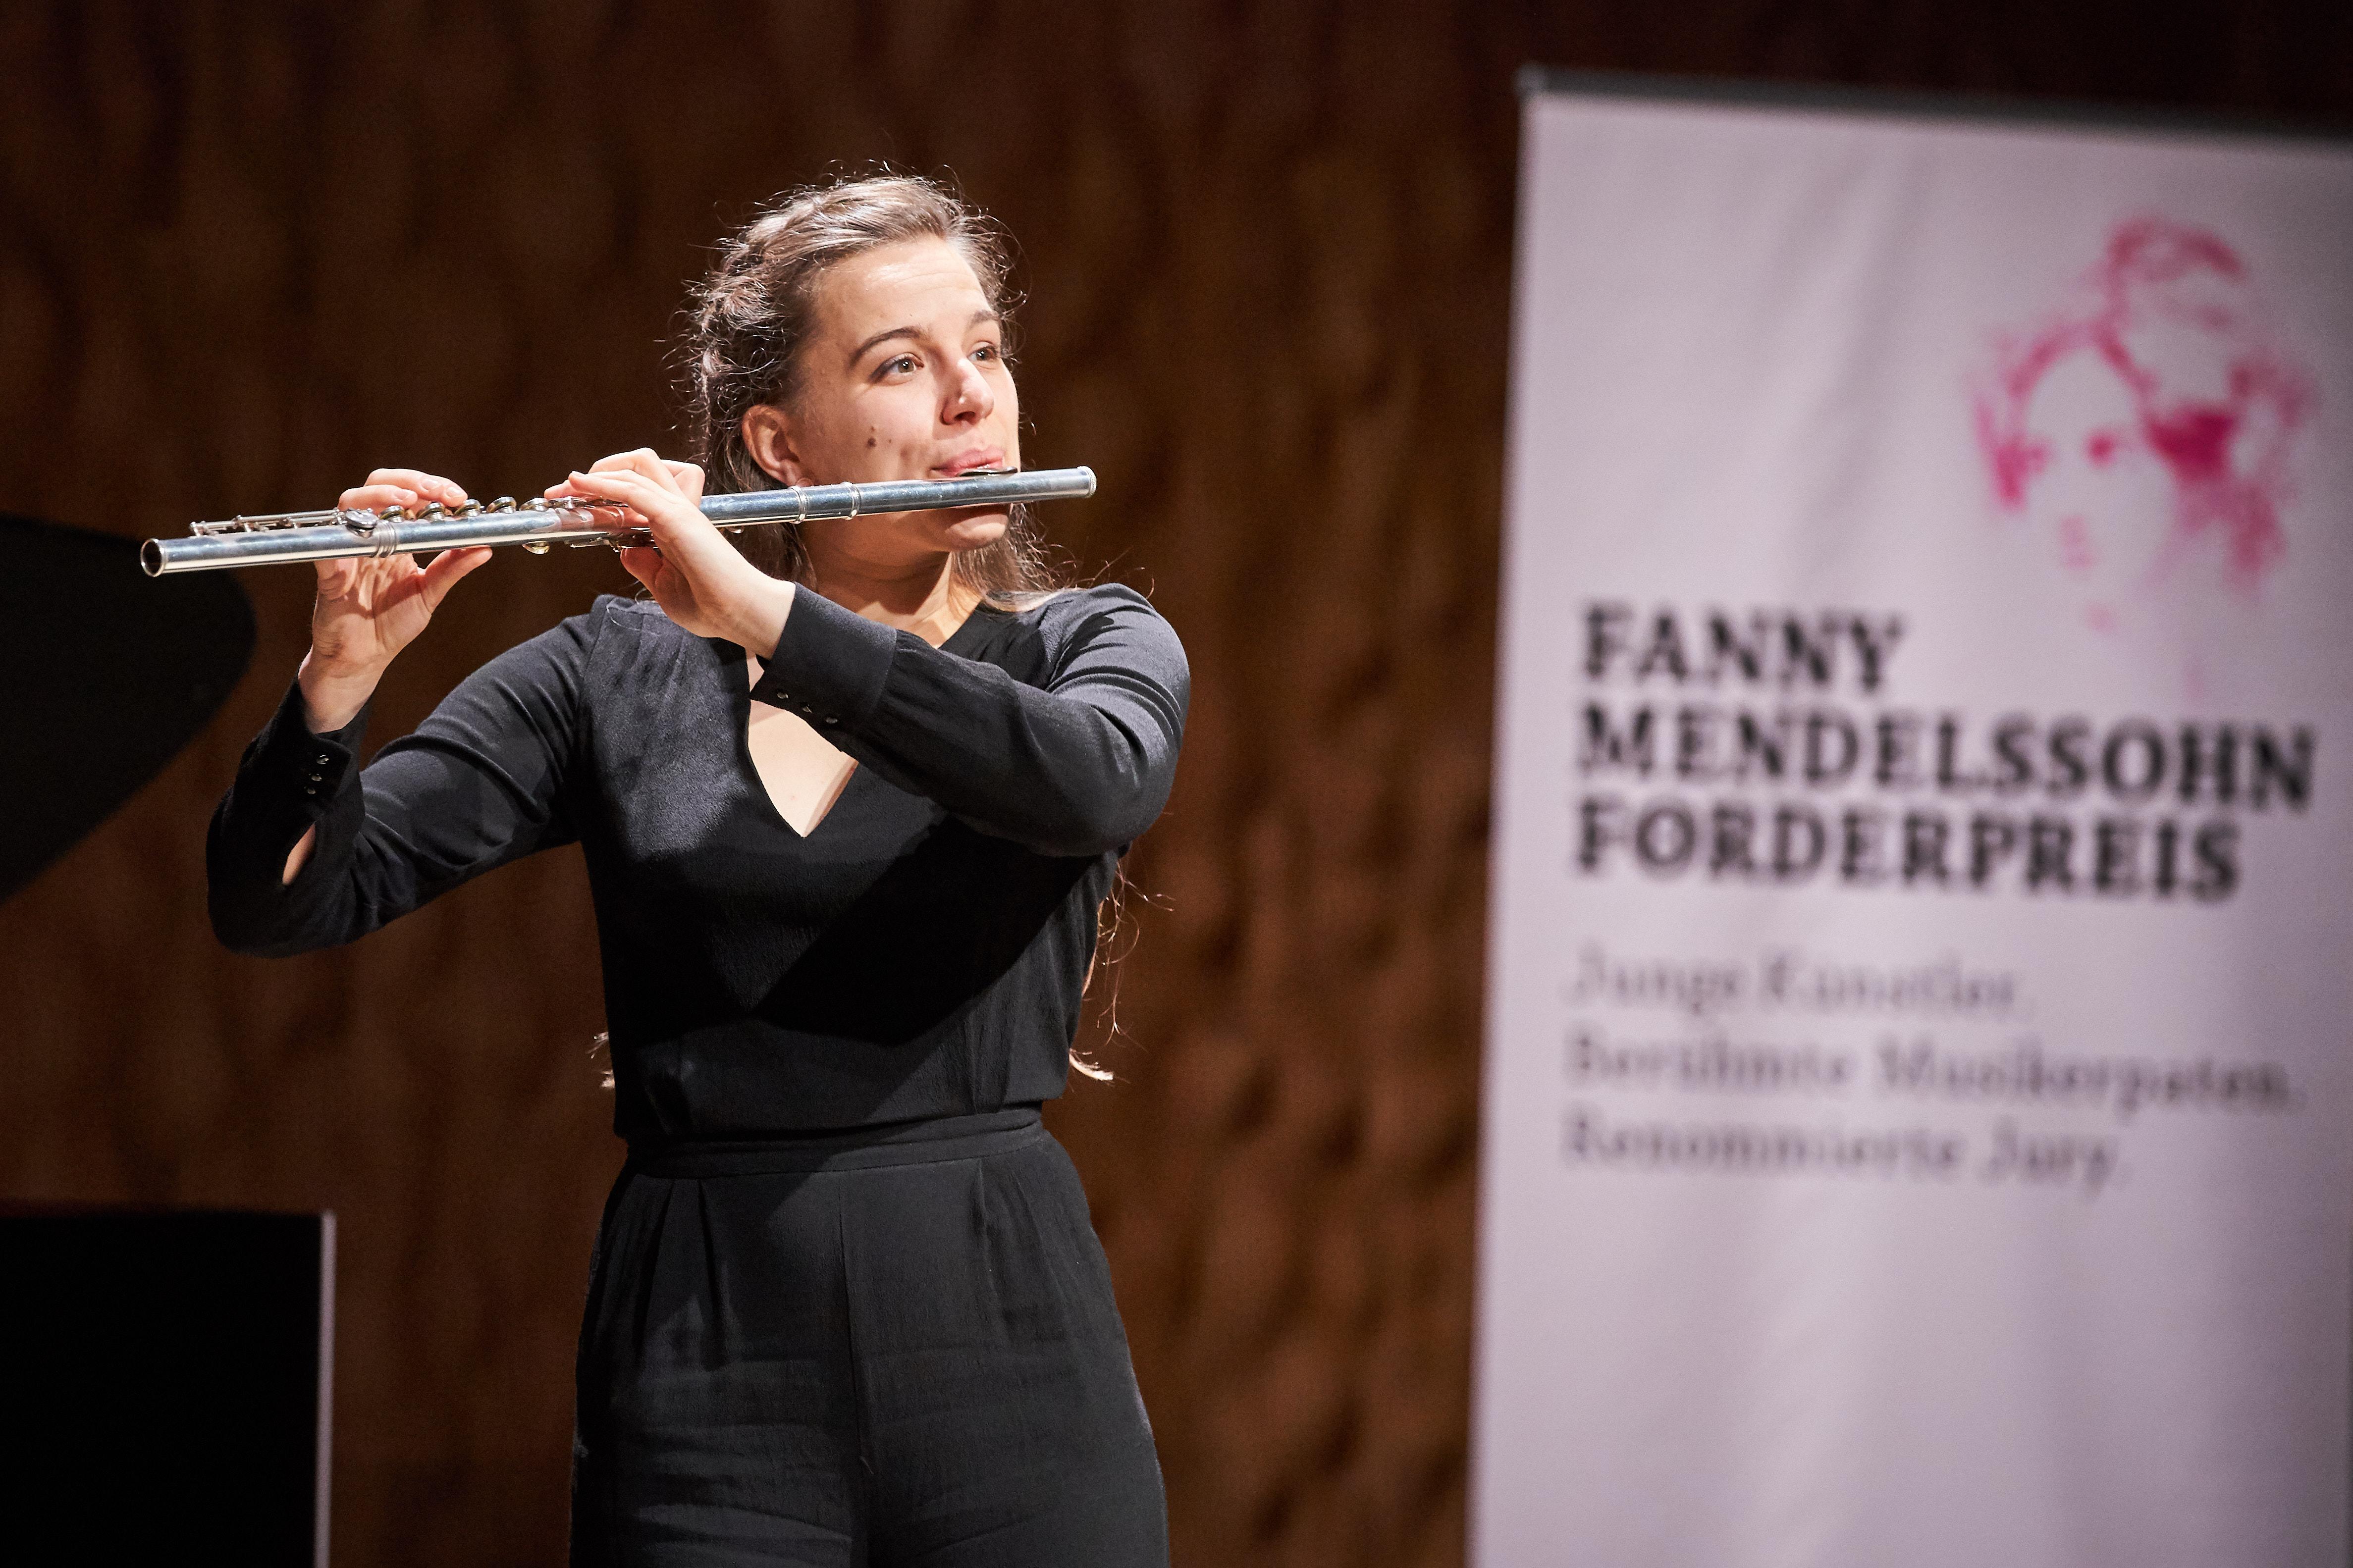 FMFP0920_Olech_228_c_ClaudiaHöhne